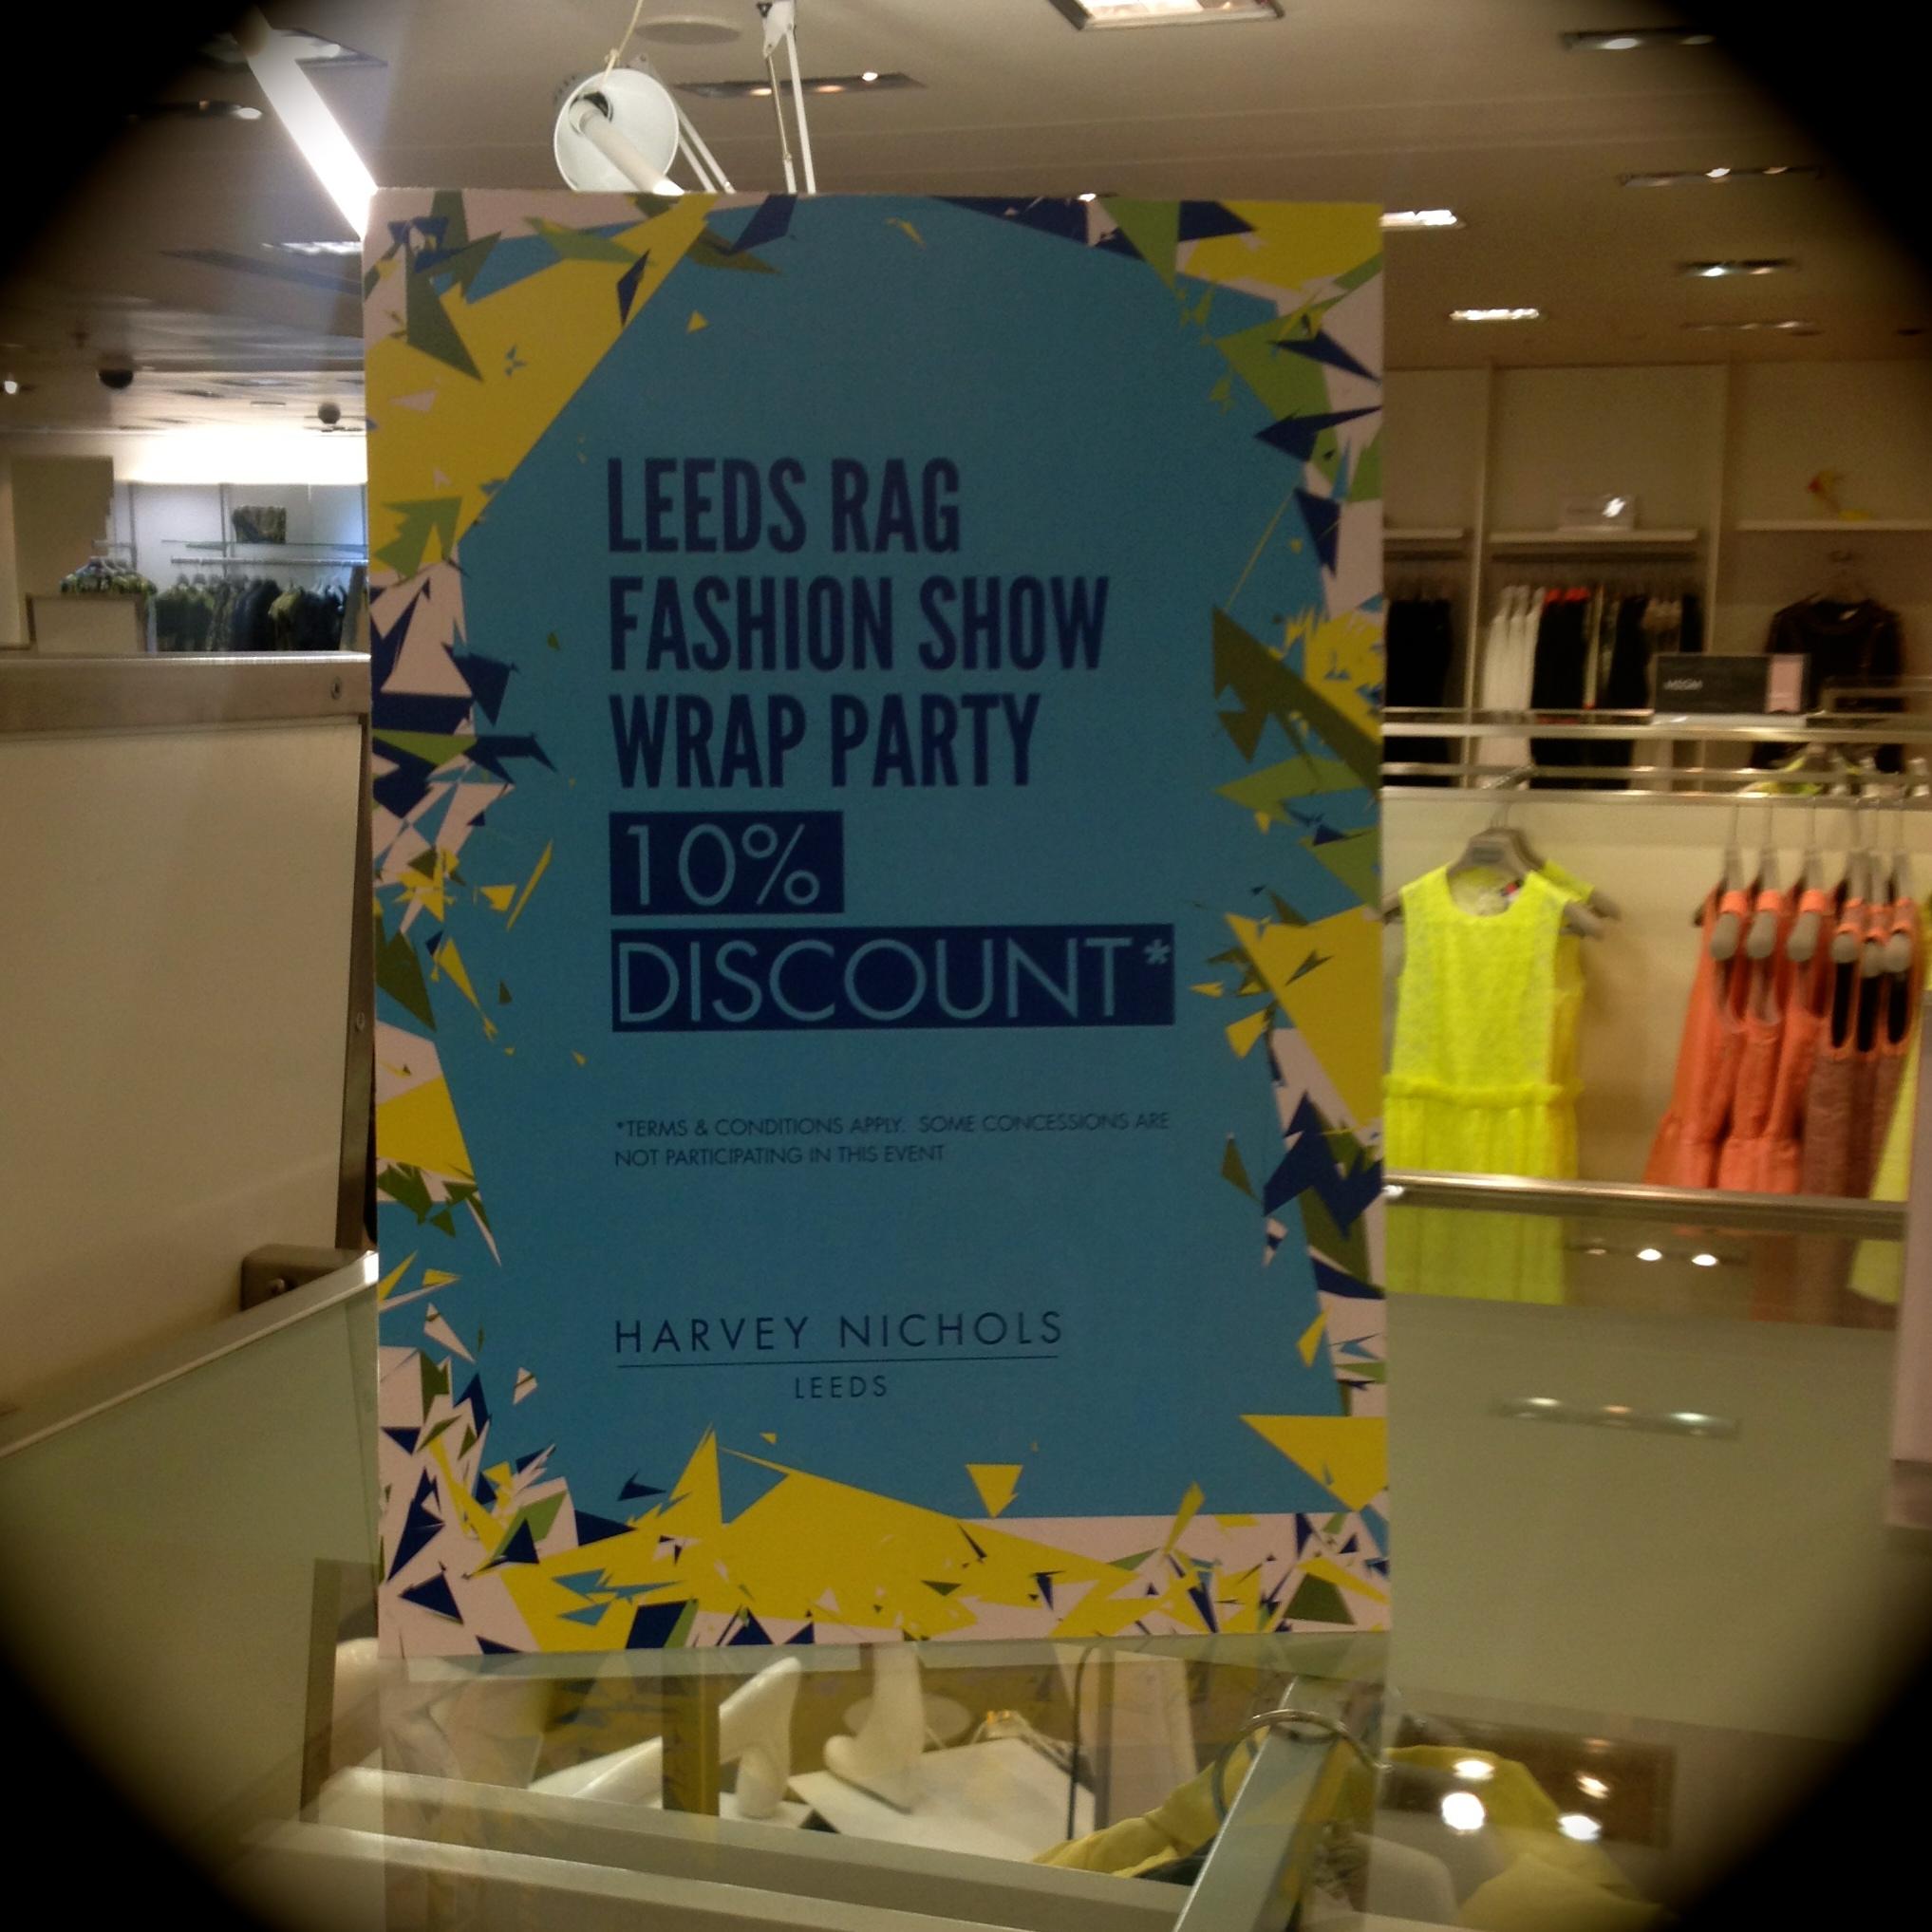 Leeds rag speed dating